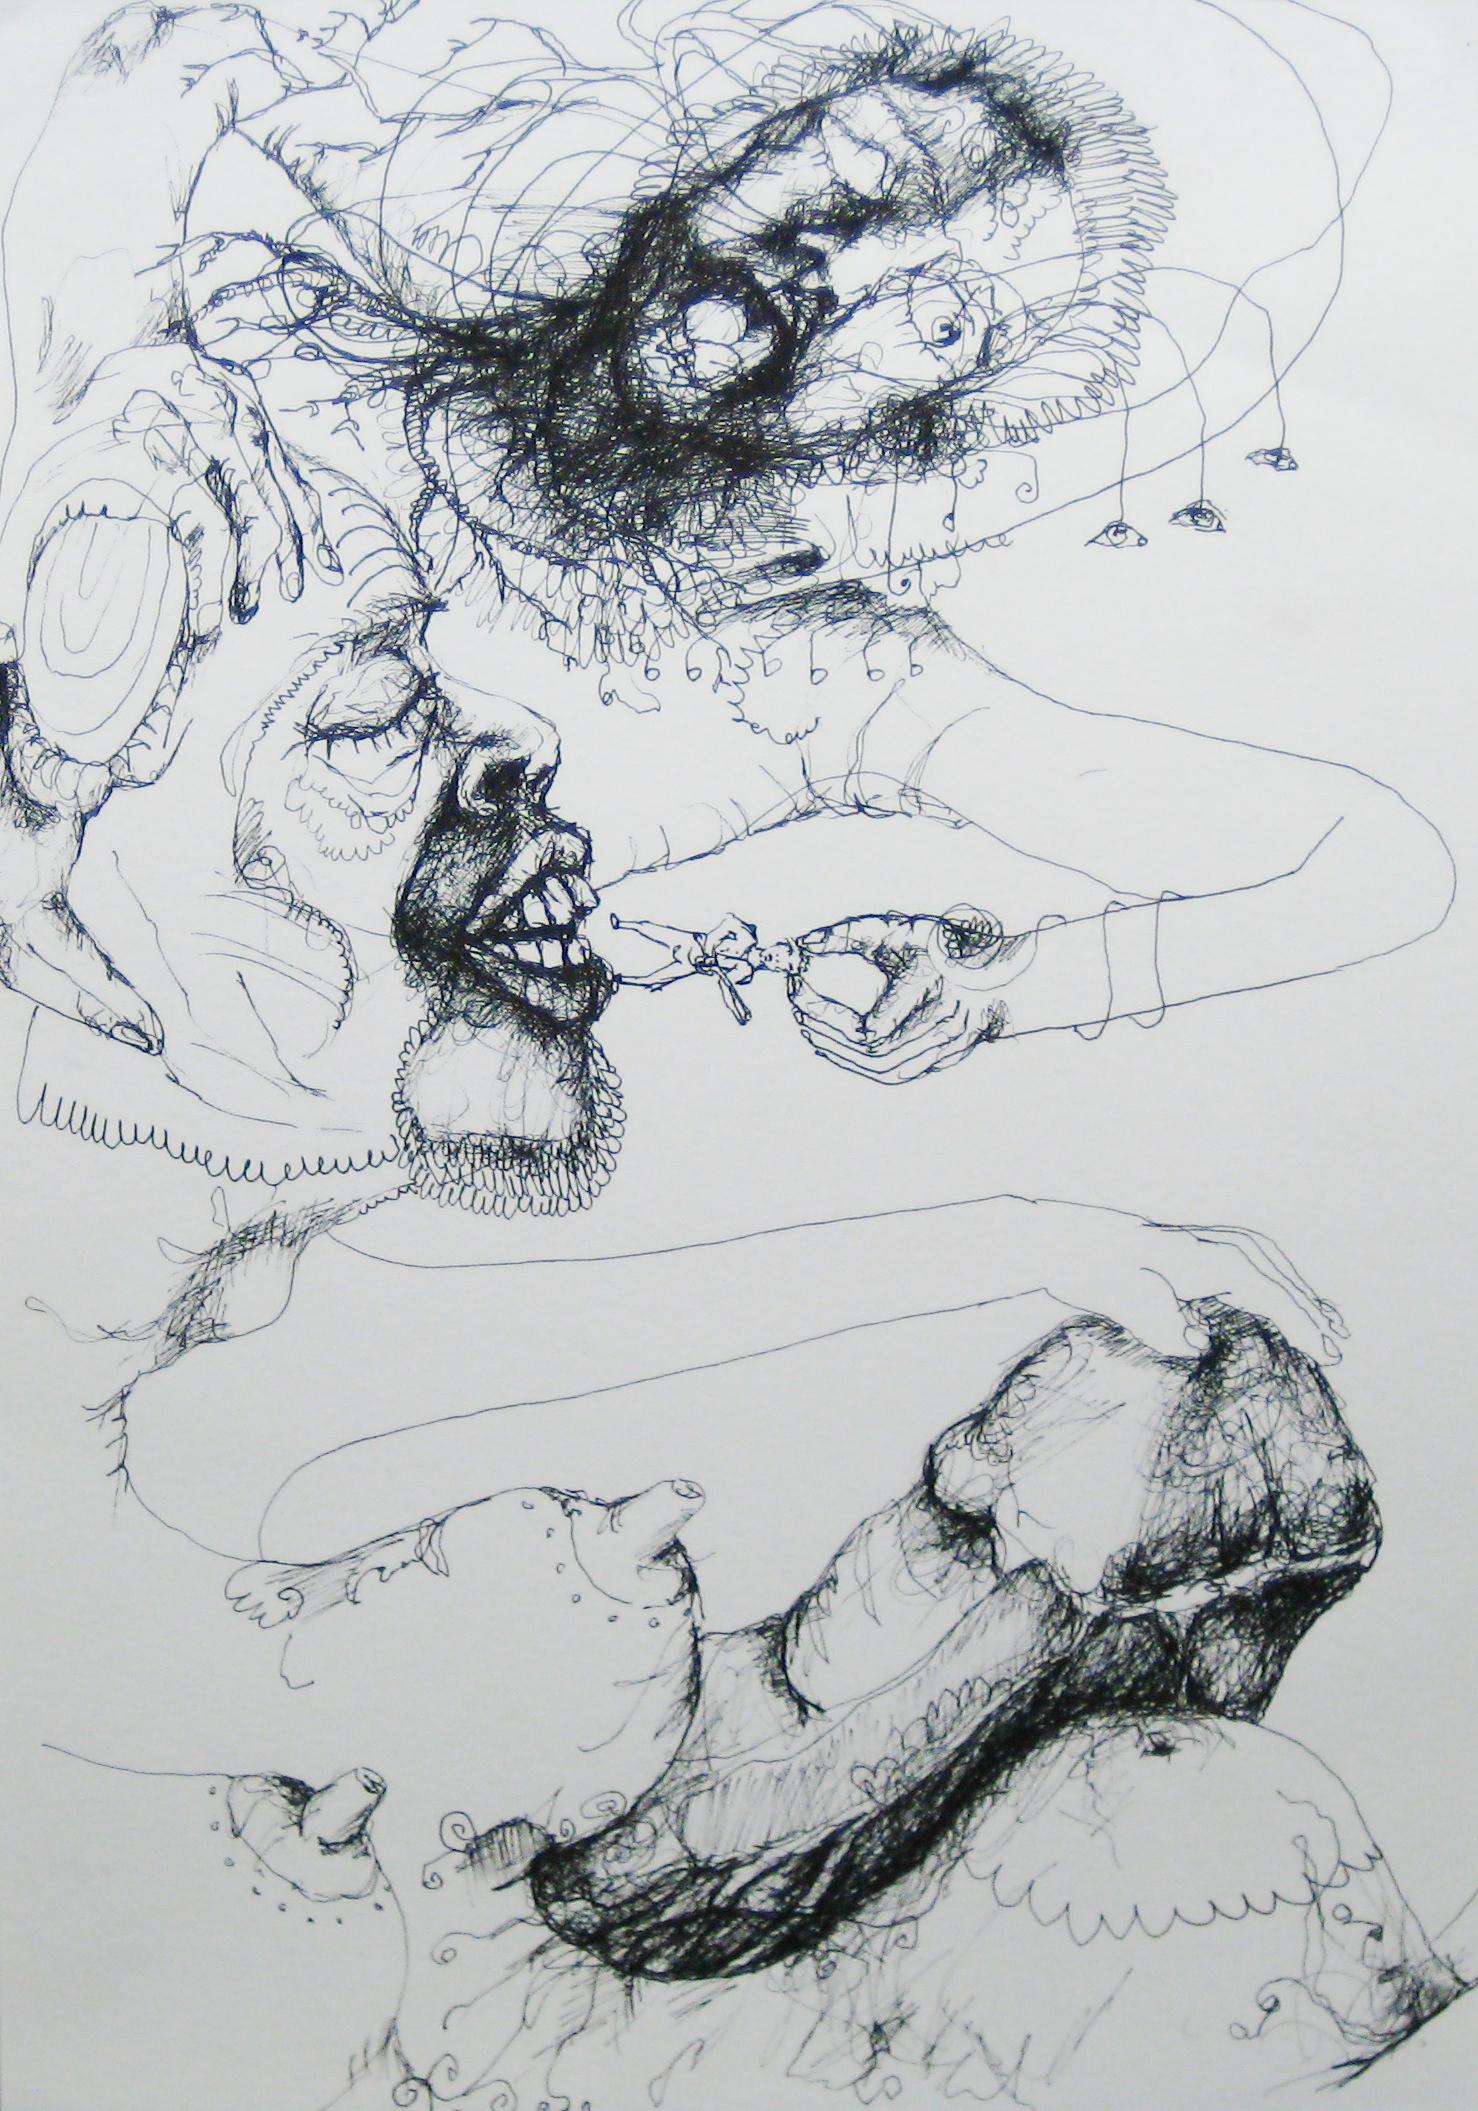 2012-Zeichnung-Sex-54-partnerschaft-liebe-brust-penis-füttern-Luisa-Pohlmann-Kunst-Berlin